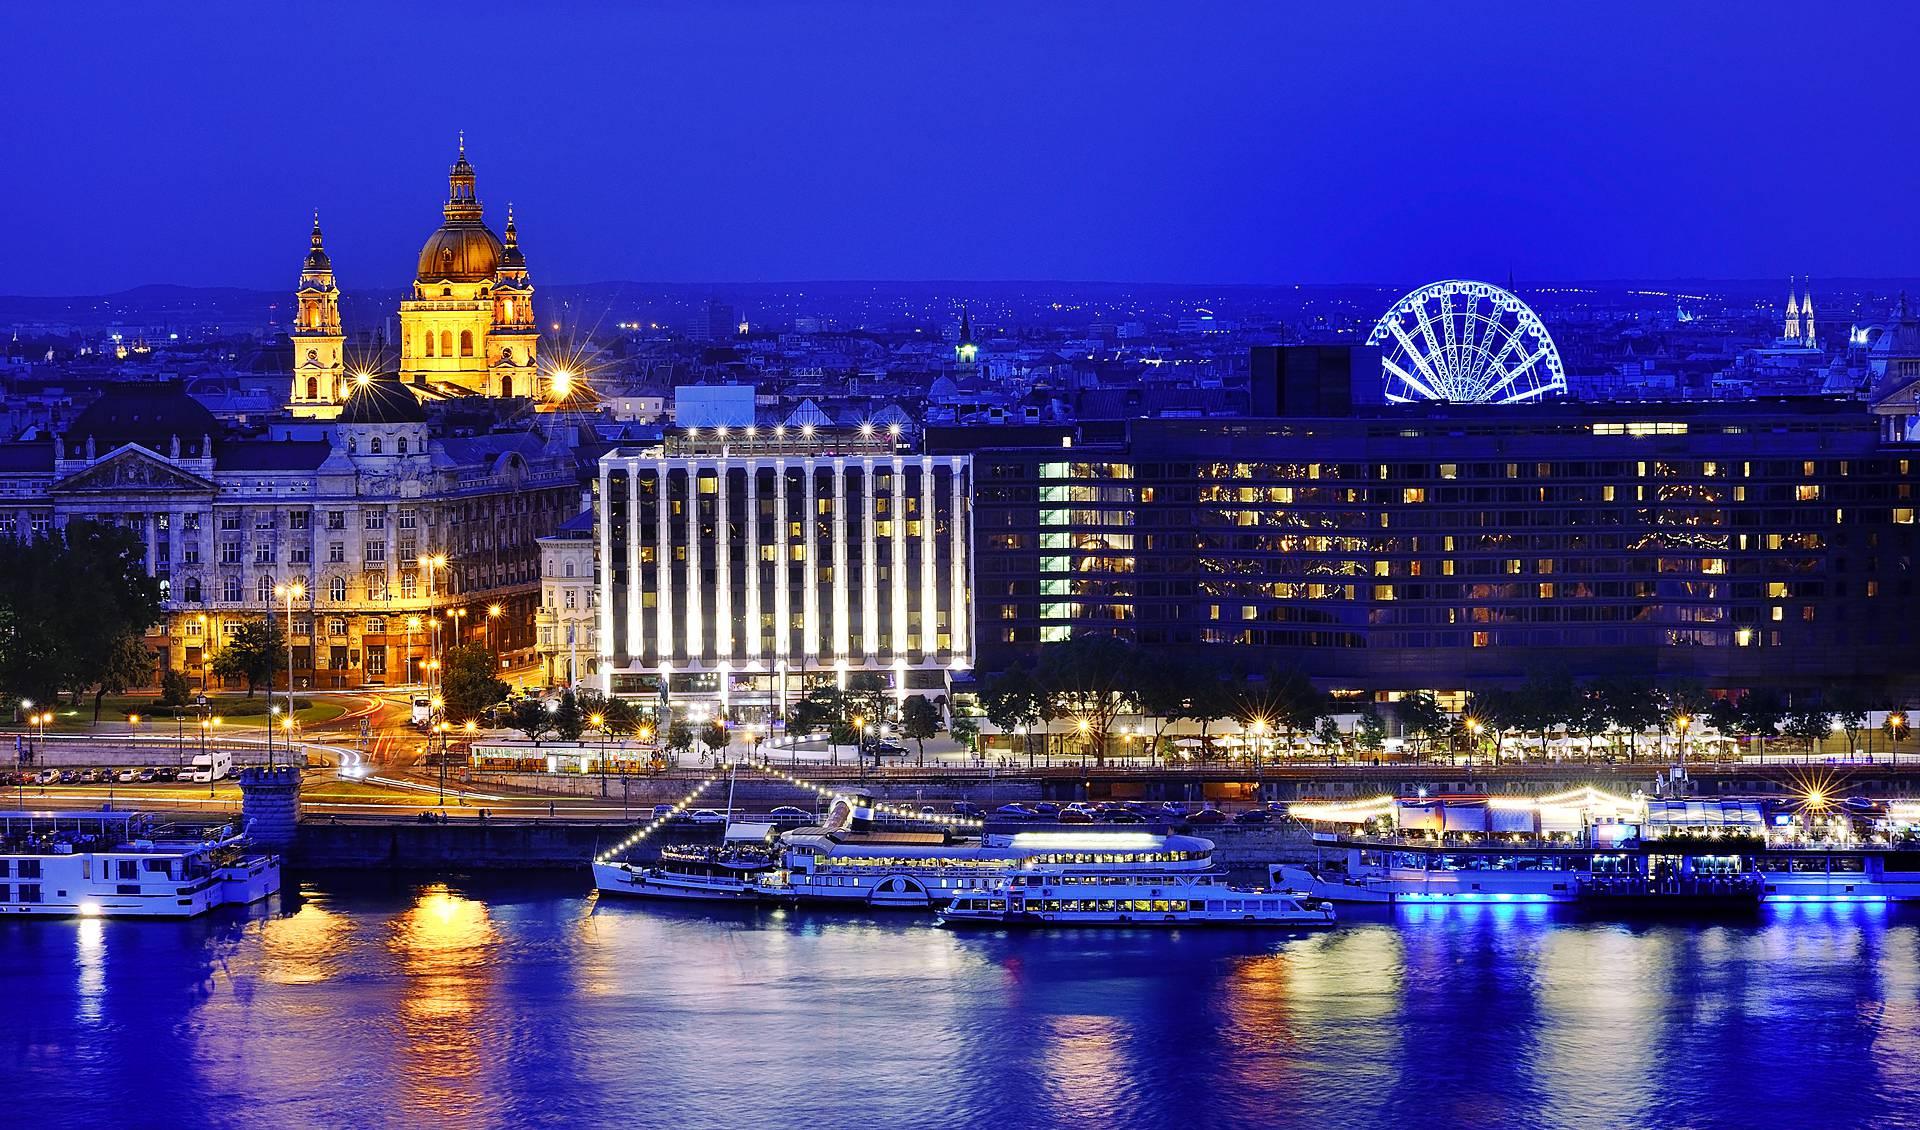 Будапешт с детьми: какие достопримечательности посмотреть, отели для отдыха с ребенком